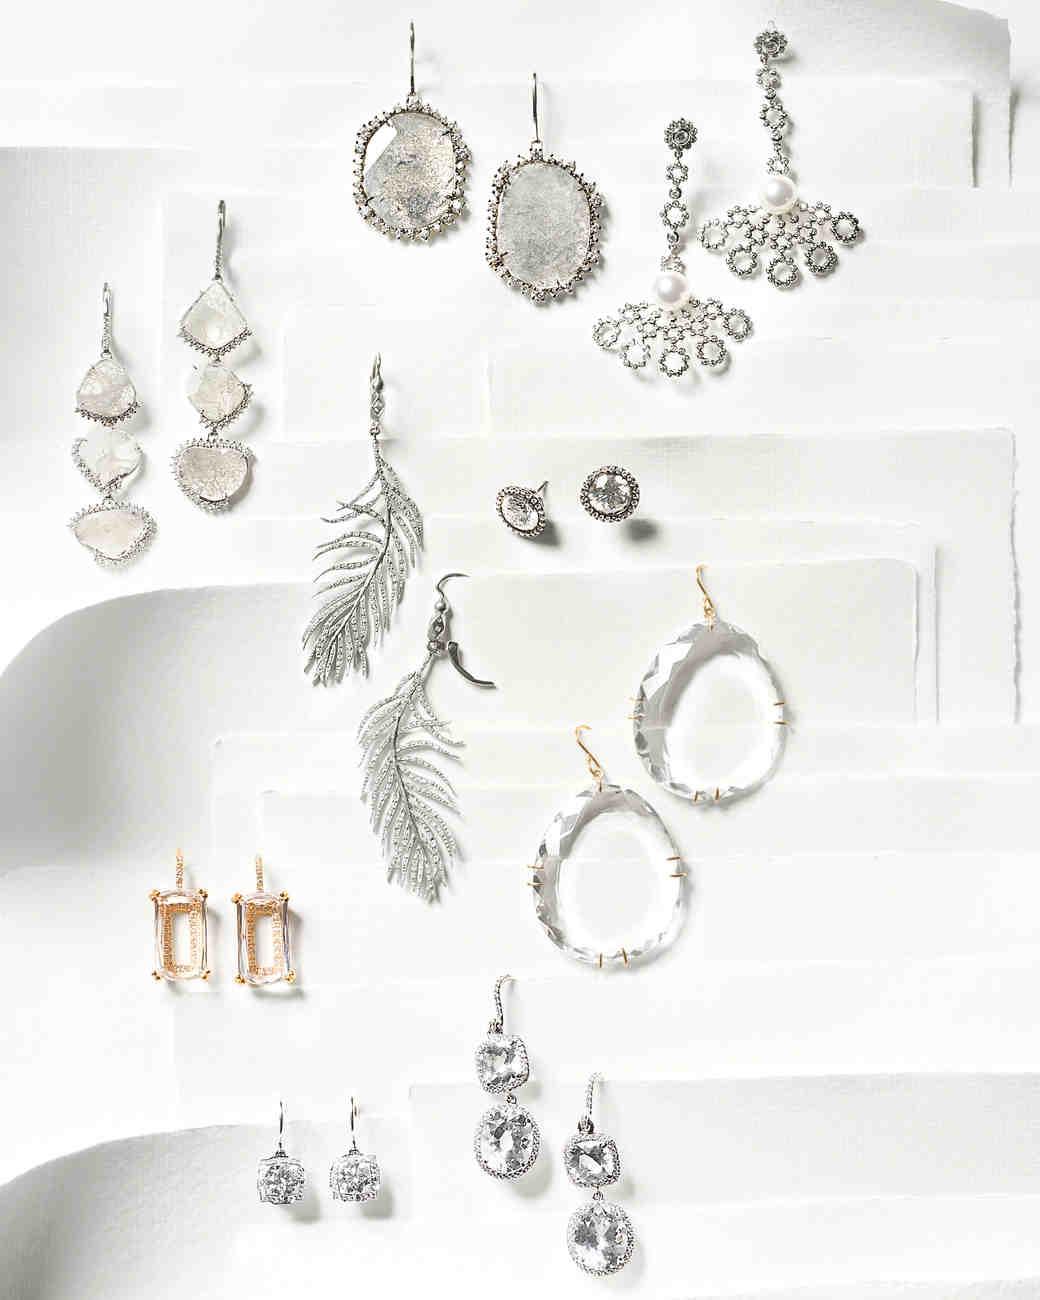 earrings-019-exp1-shd-mwd110049.jpg